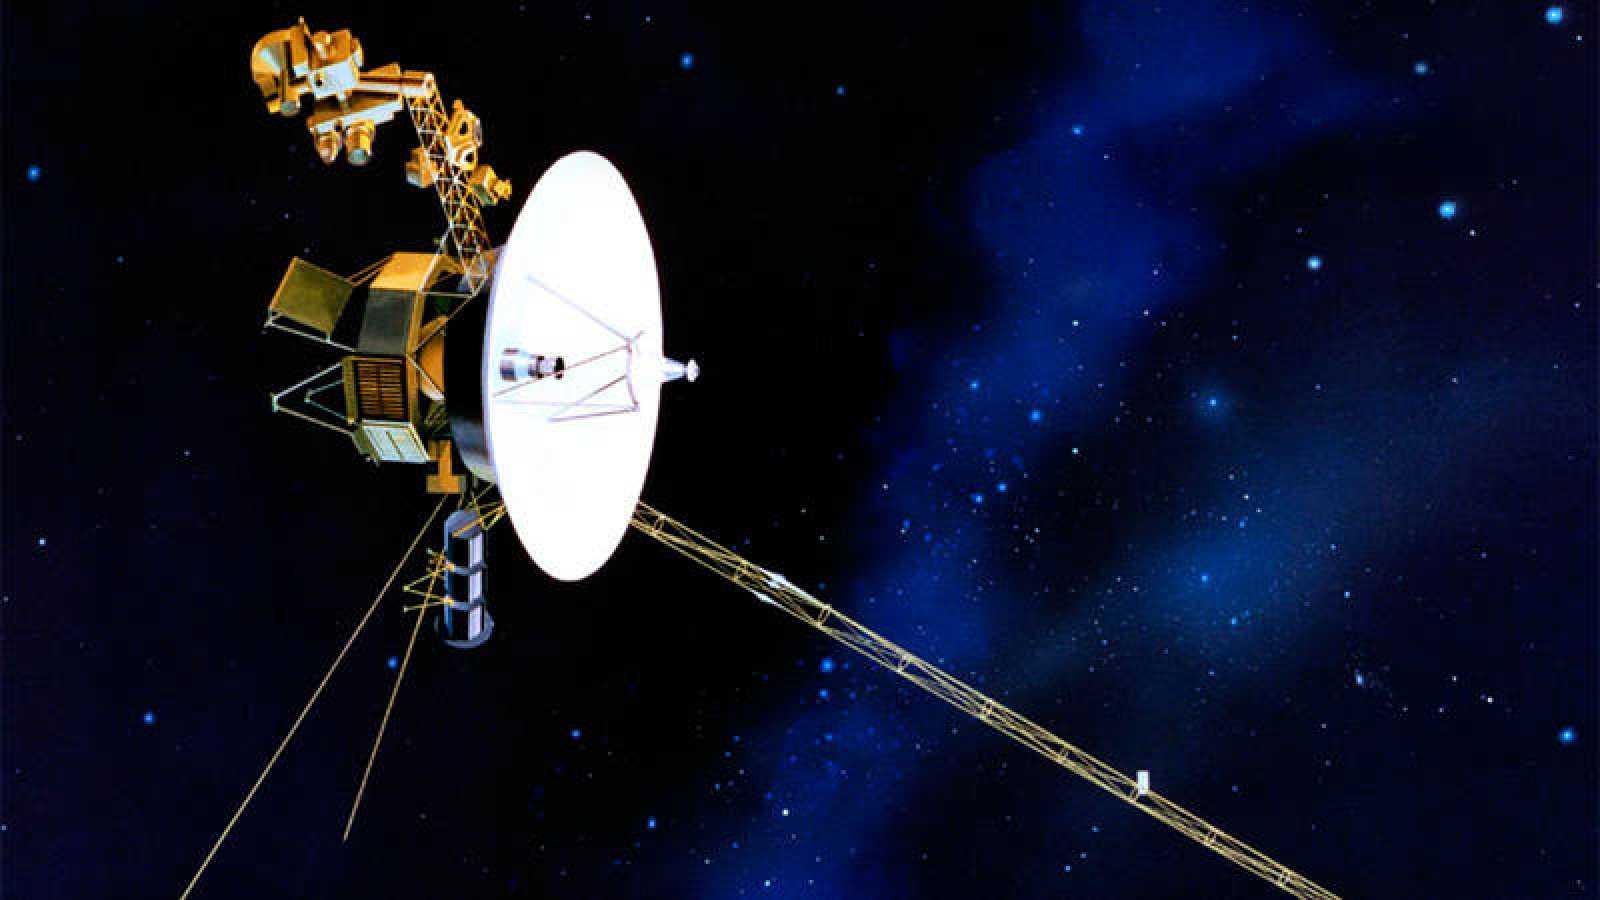 La sonda Voyager 1 lleva años en el espacio interestelar